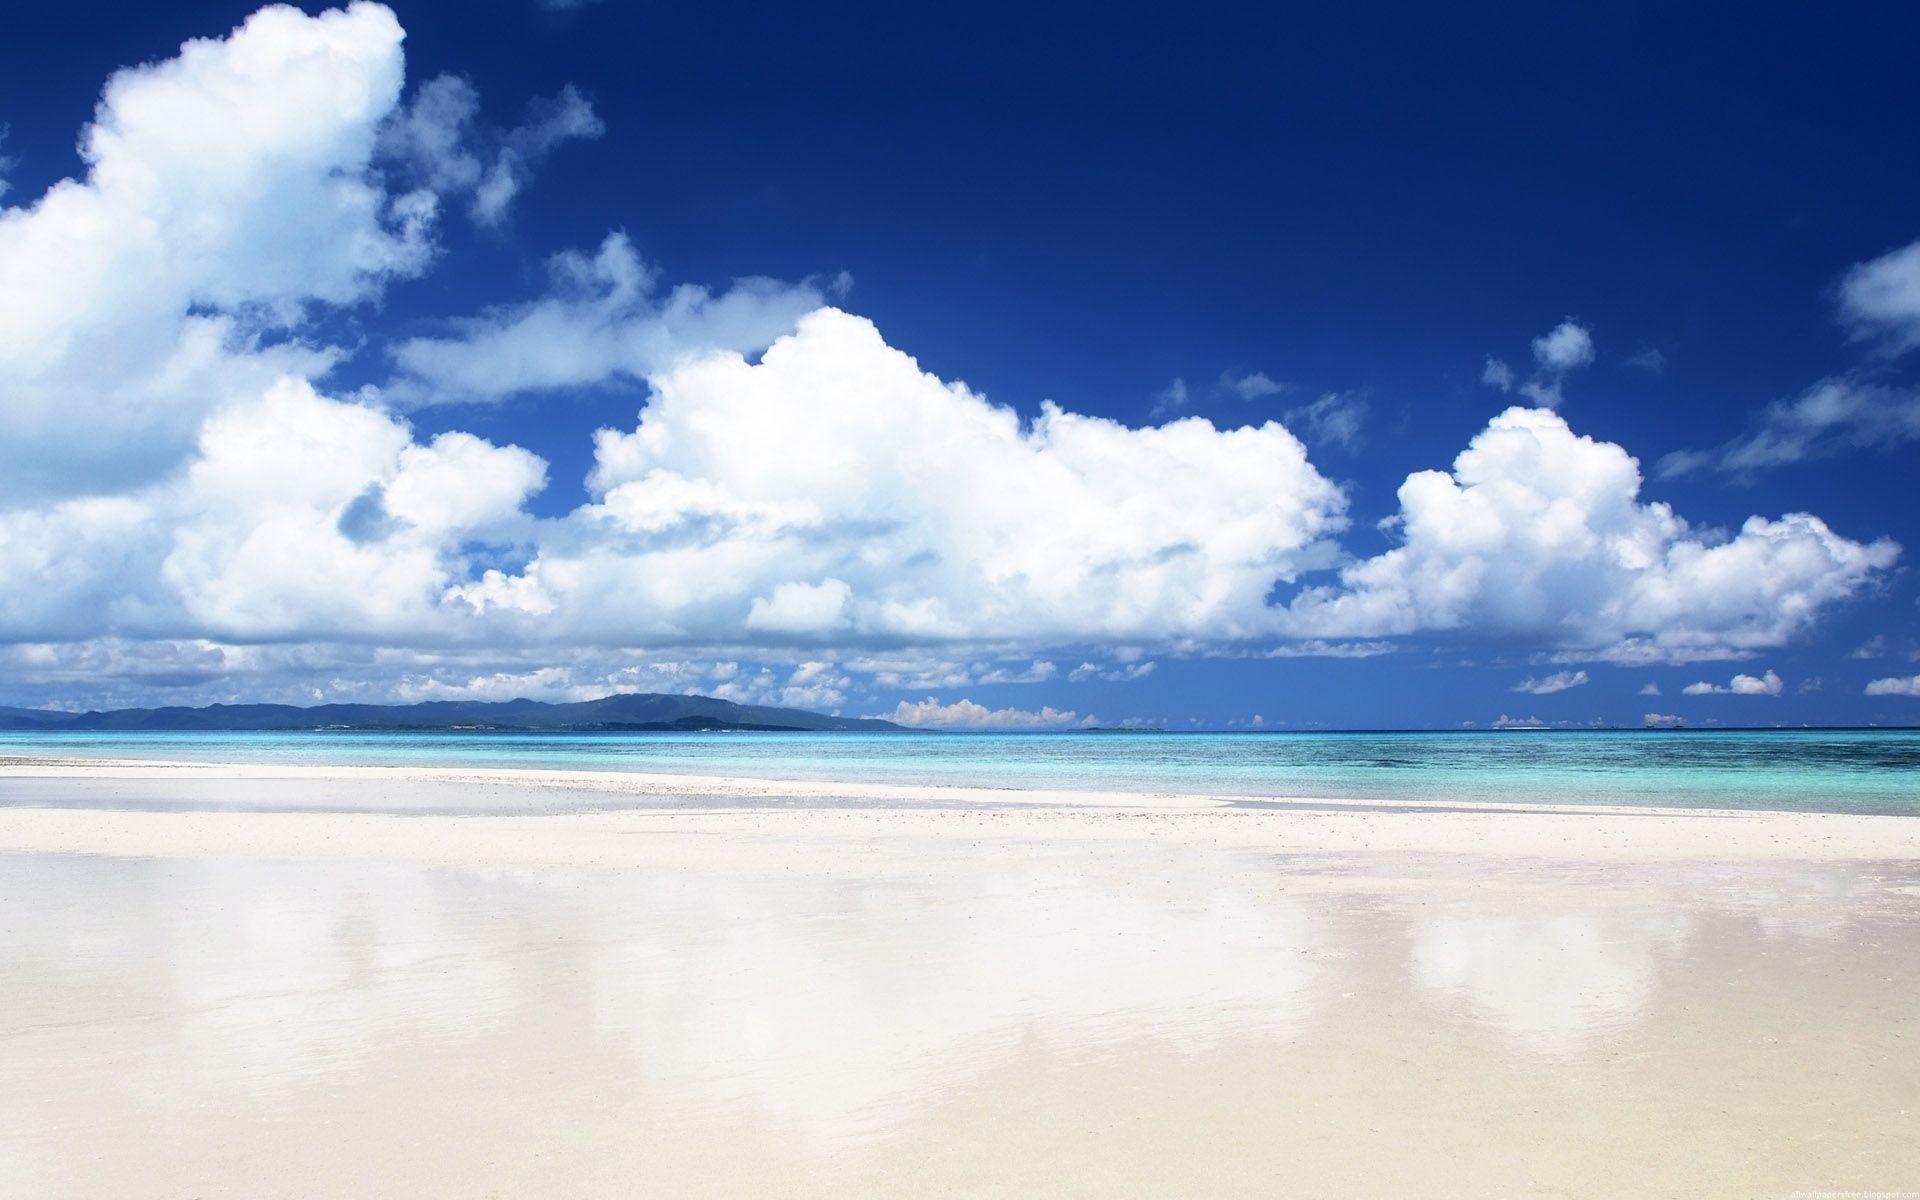 26901 免費下載壁紙 景观, 海, 云, 海滩 屏保和圖片